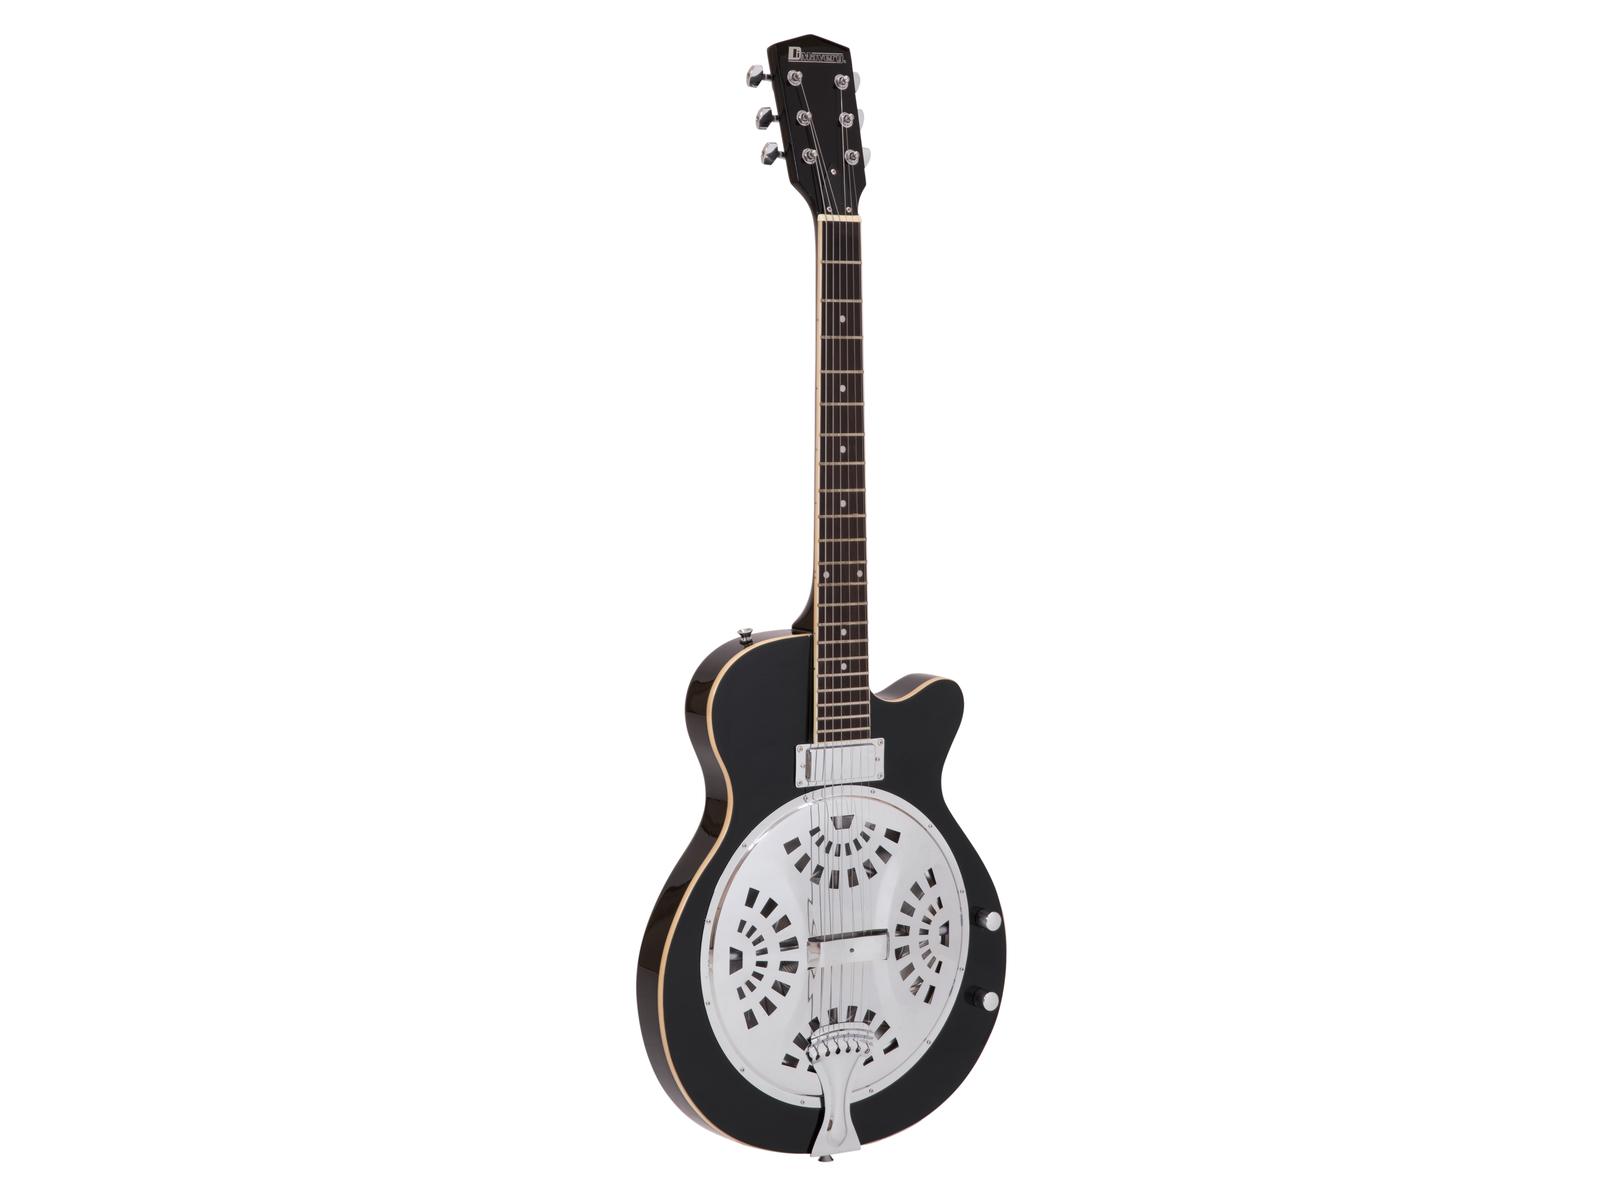 Chitarra acustica, colore nero, spala mancante, abete, DIMAVERY RS-420